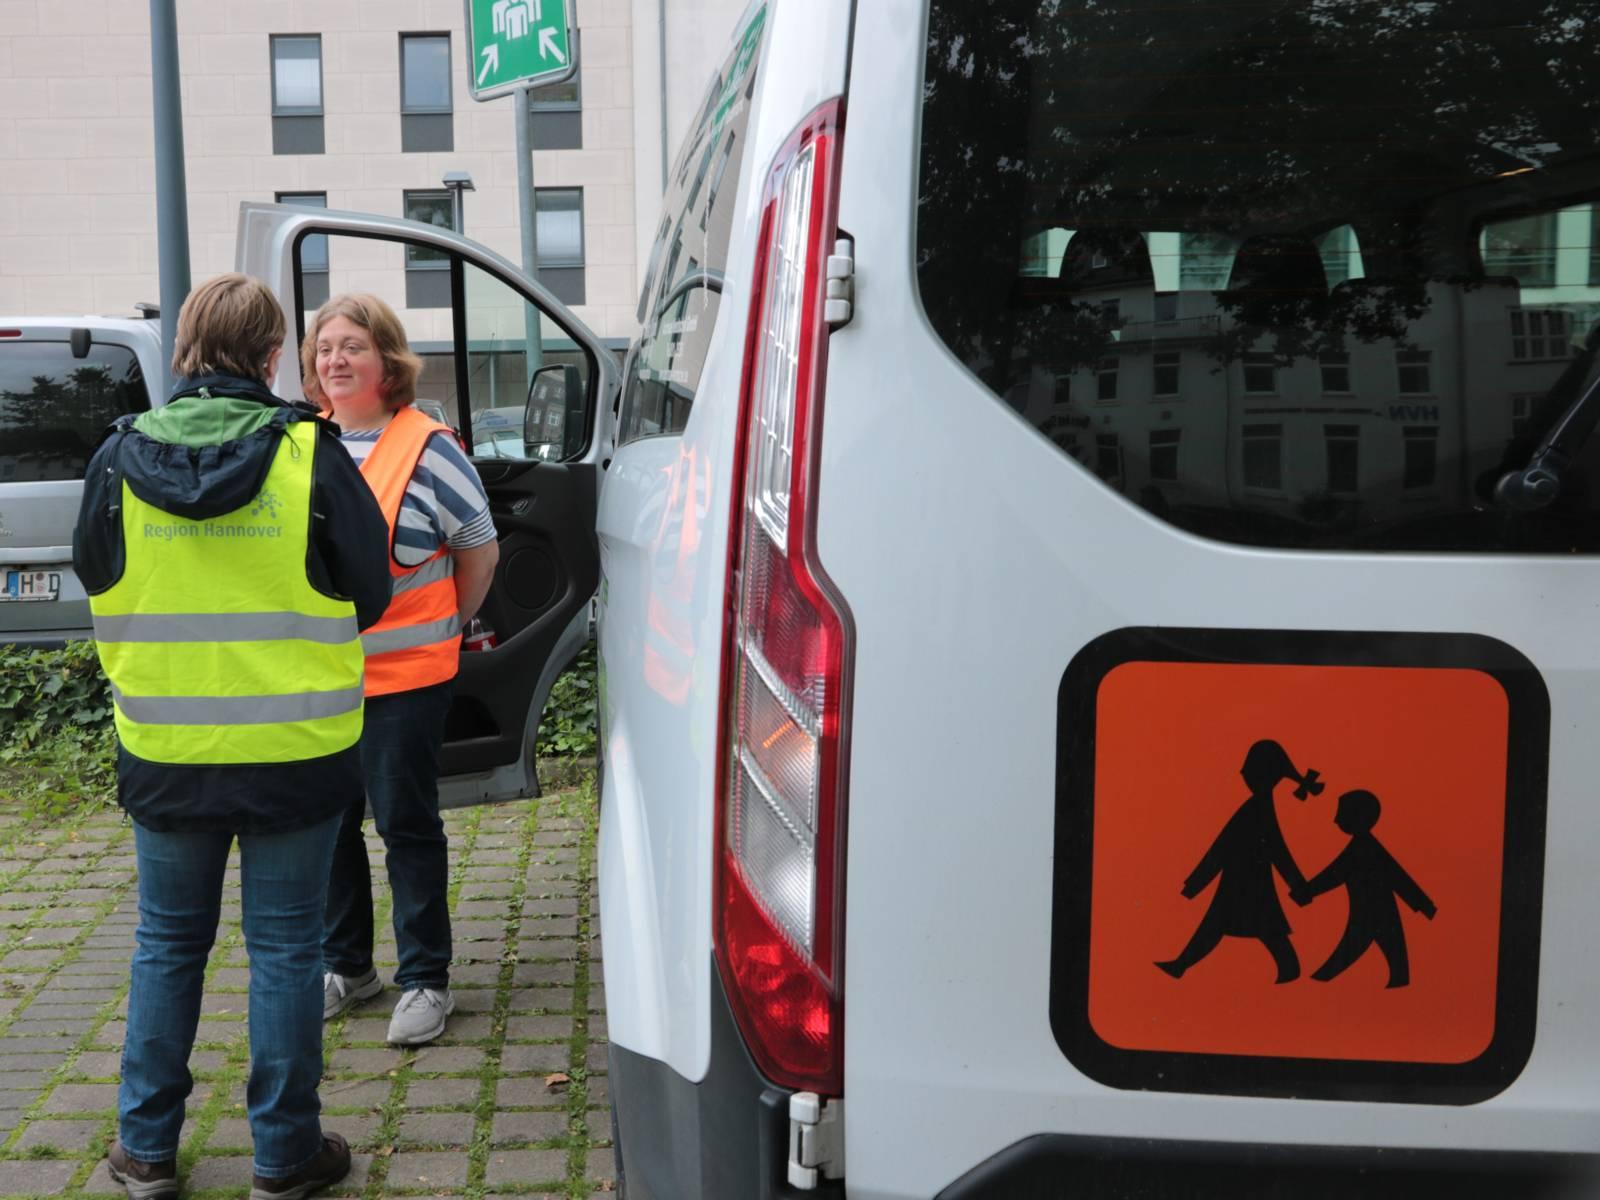 Zwei Personen stehen neben einem weißen Bus zur Schülerbeförderung.